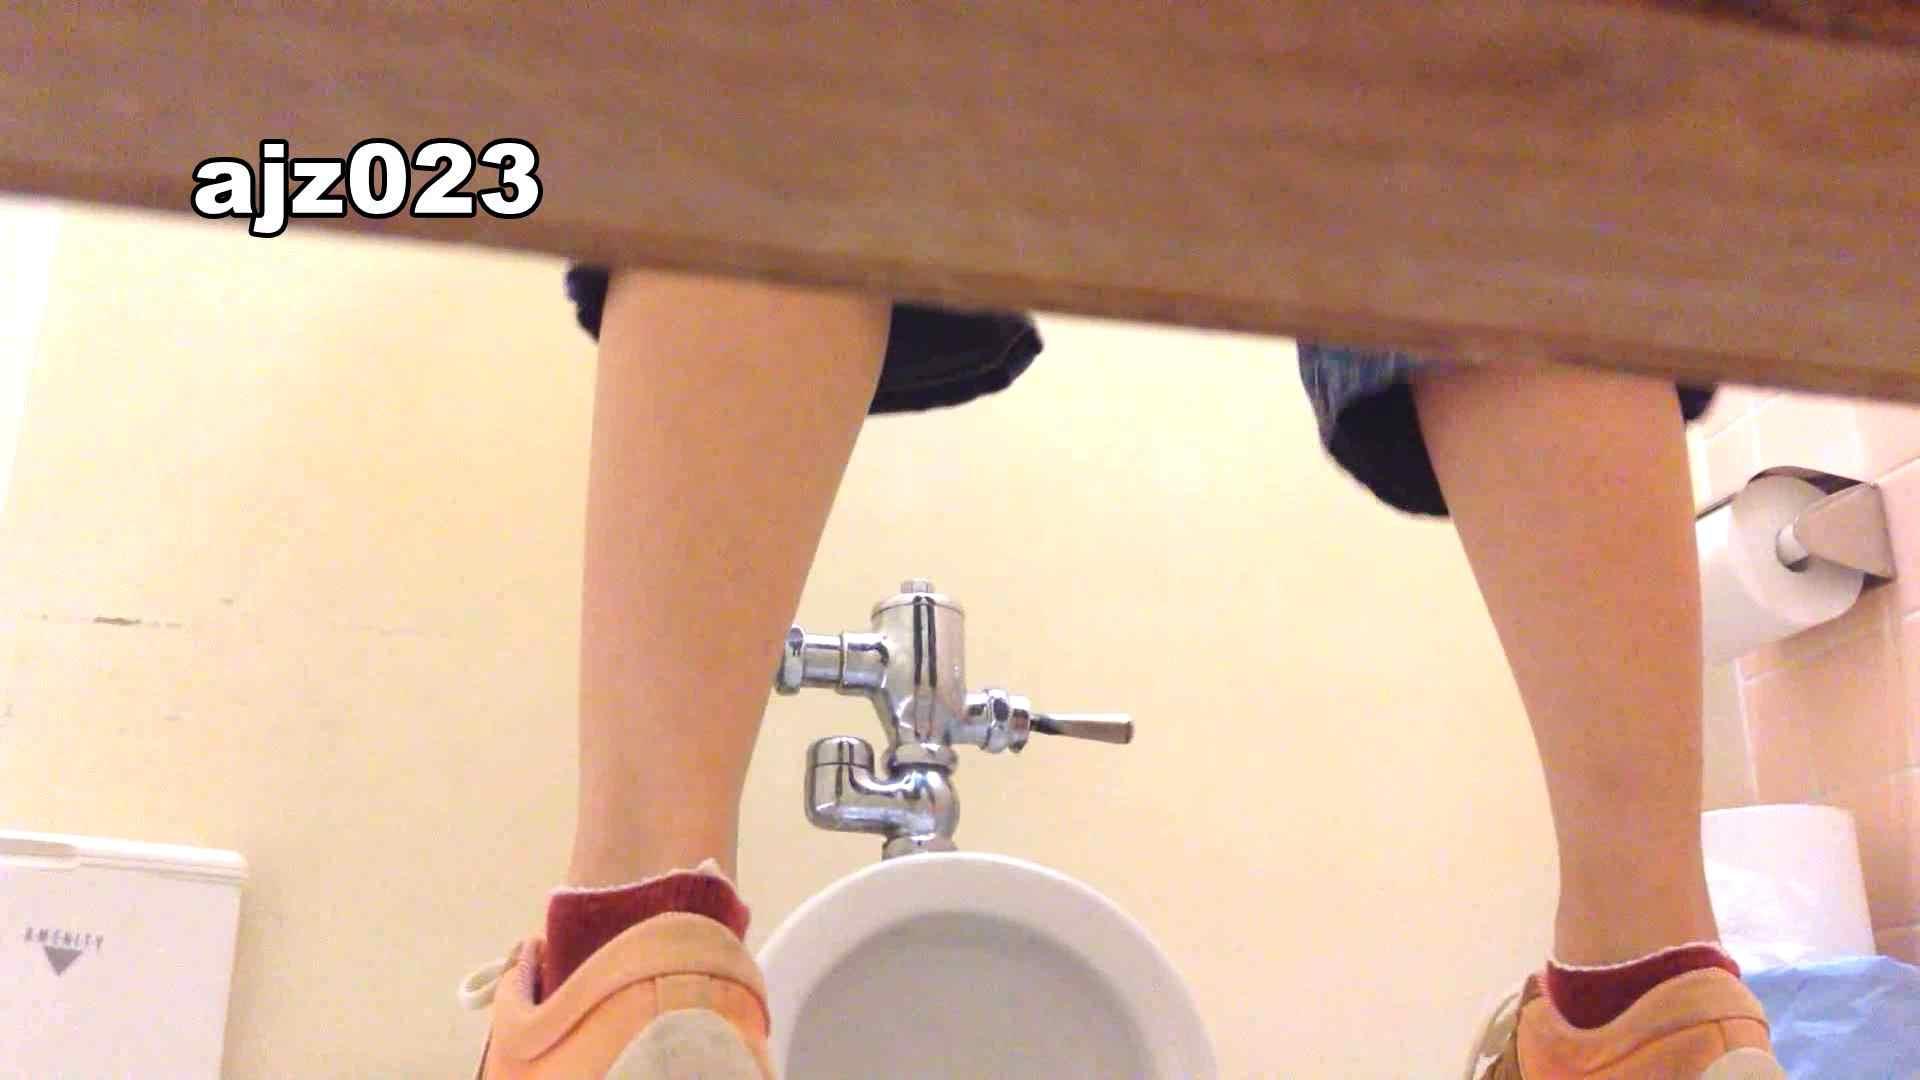 某有名大学女性洗面所 vol.23 洗面所 盗撮エロ画像 52pic 38